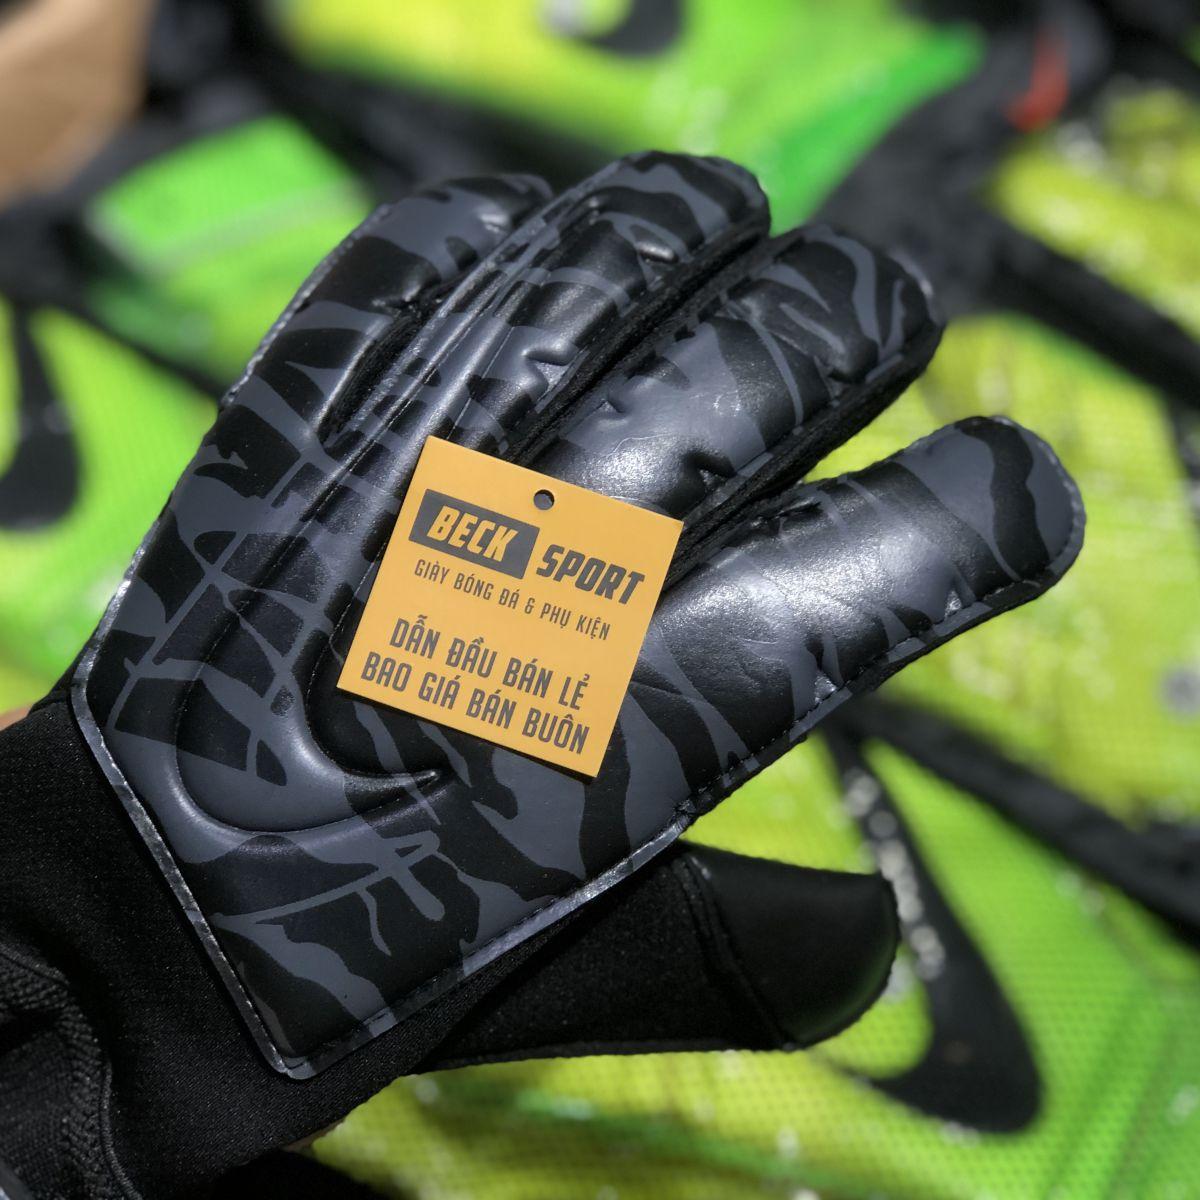 Găng Tay Nike Vapor Grip 3 Xám Đen Rằn Ri ( Không Xương)